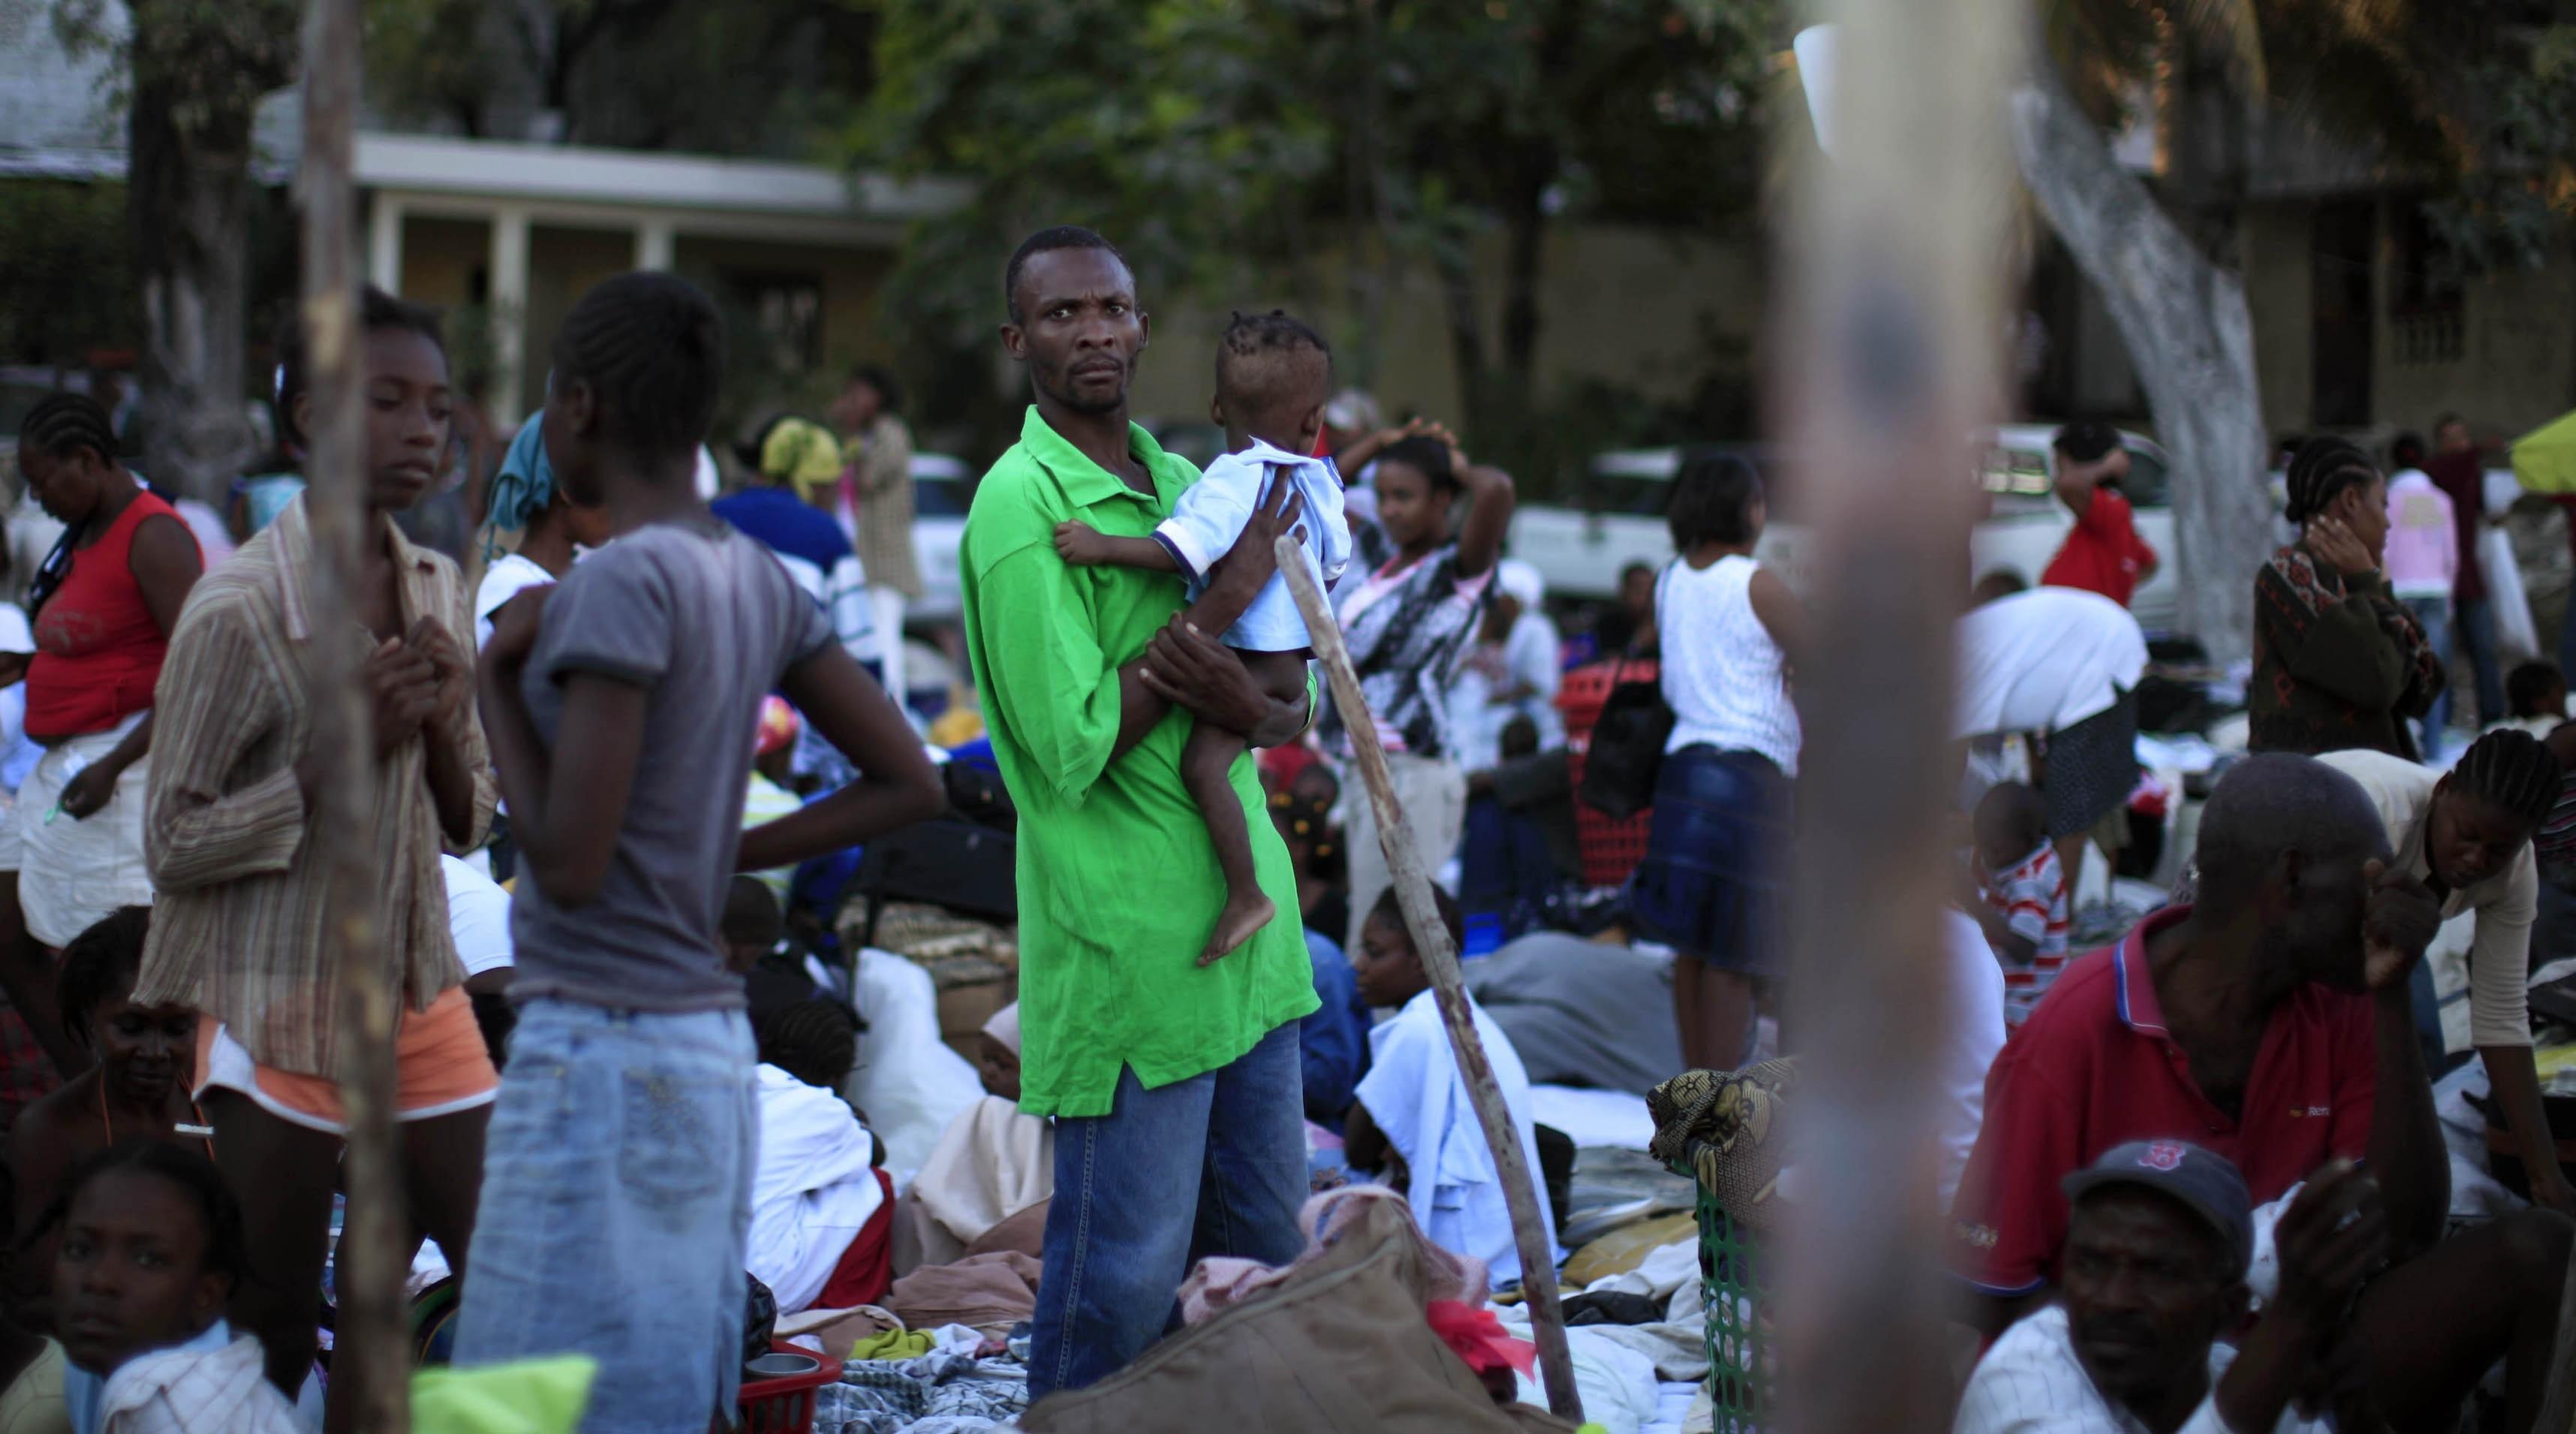 Χωρίς τέλος η απόγνωση όσων επέζησαν από τον καταστροφικό σεισμό ΦΩΤΟ REUTERS